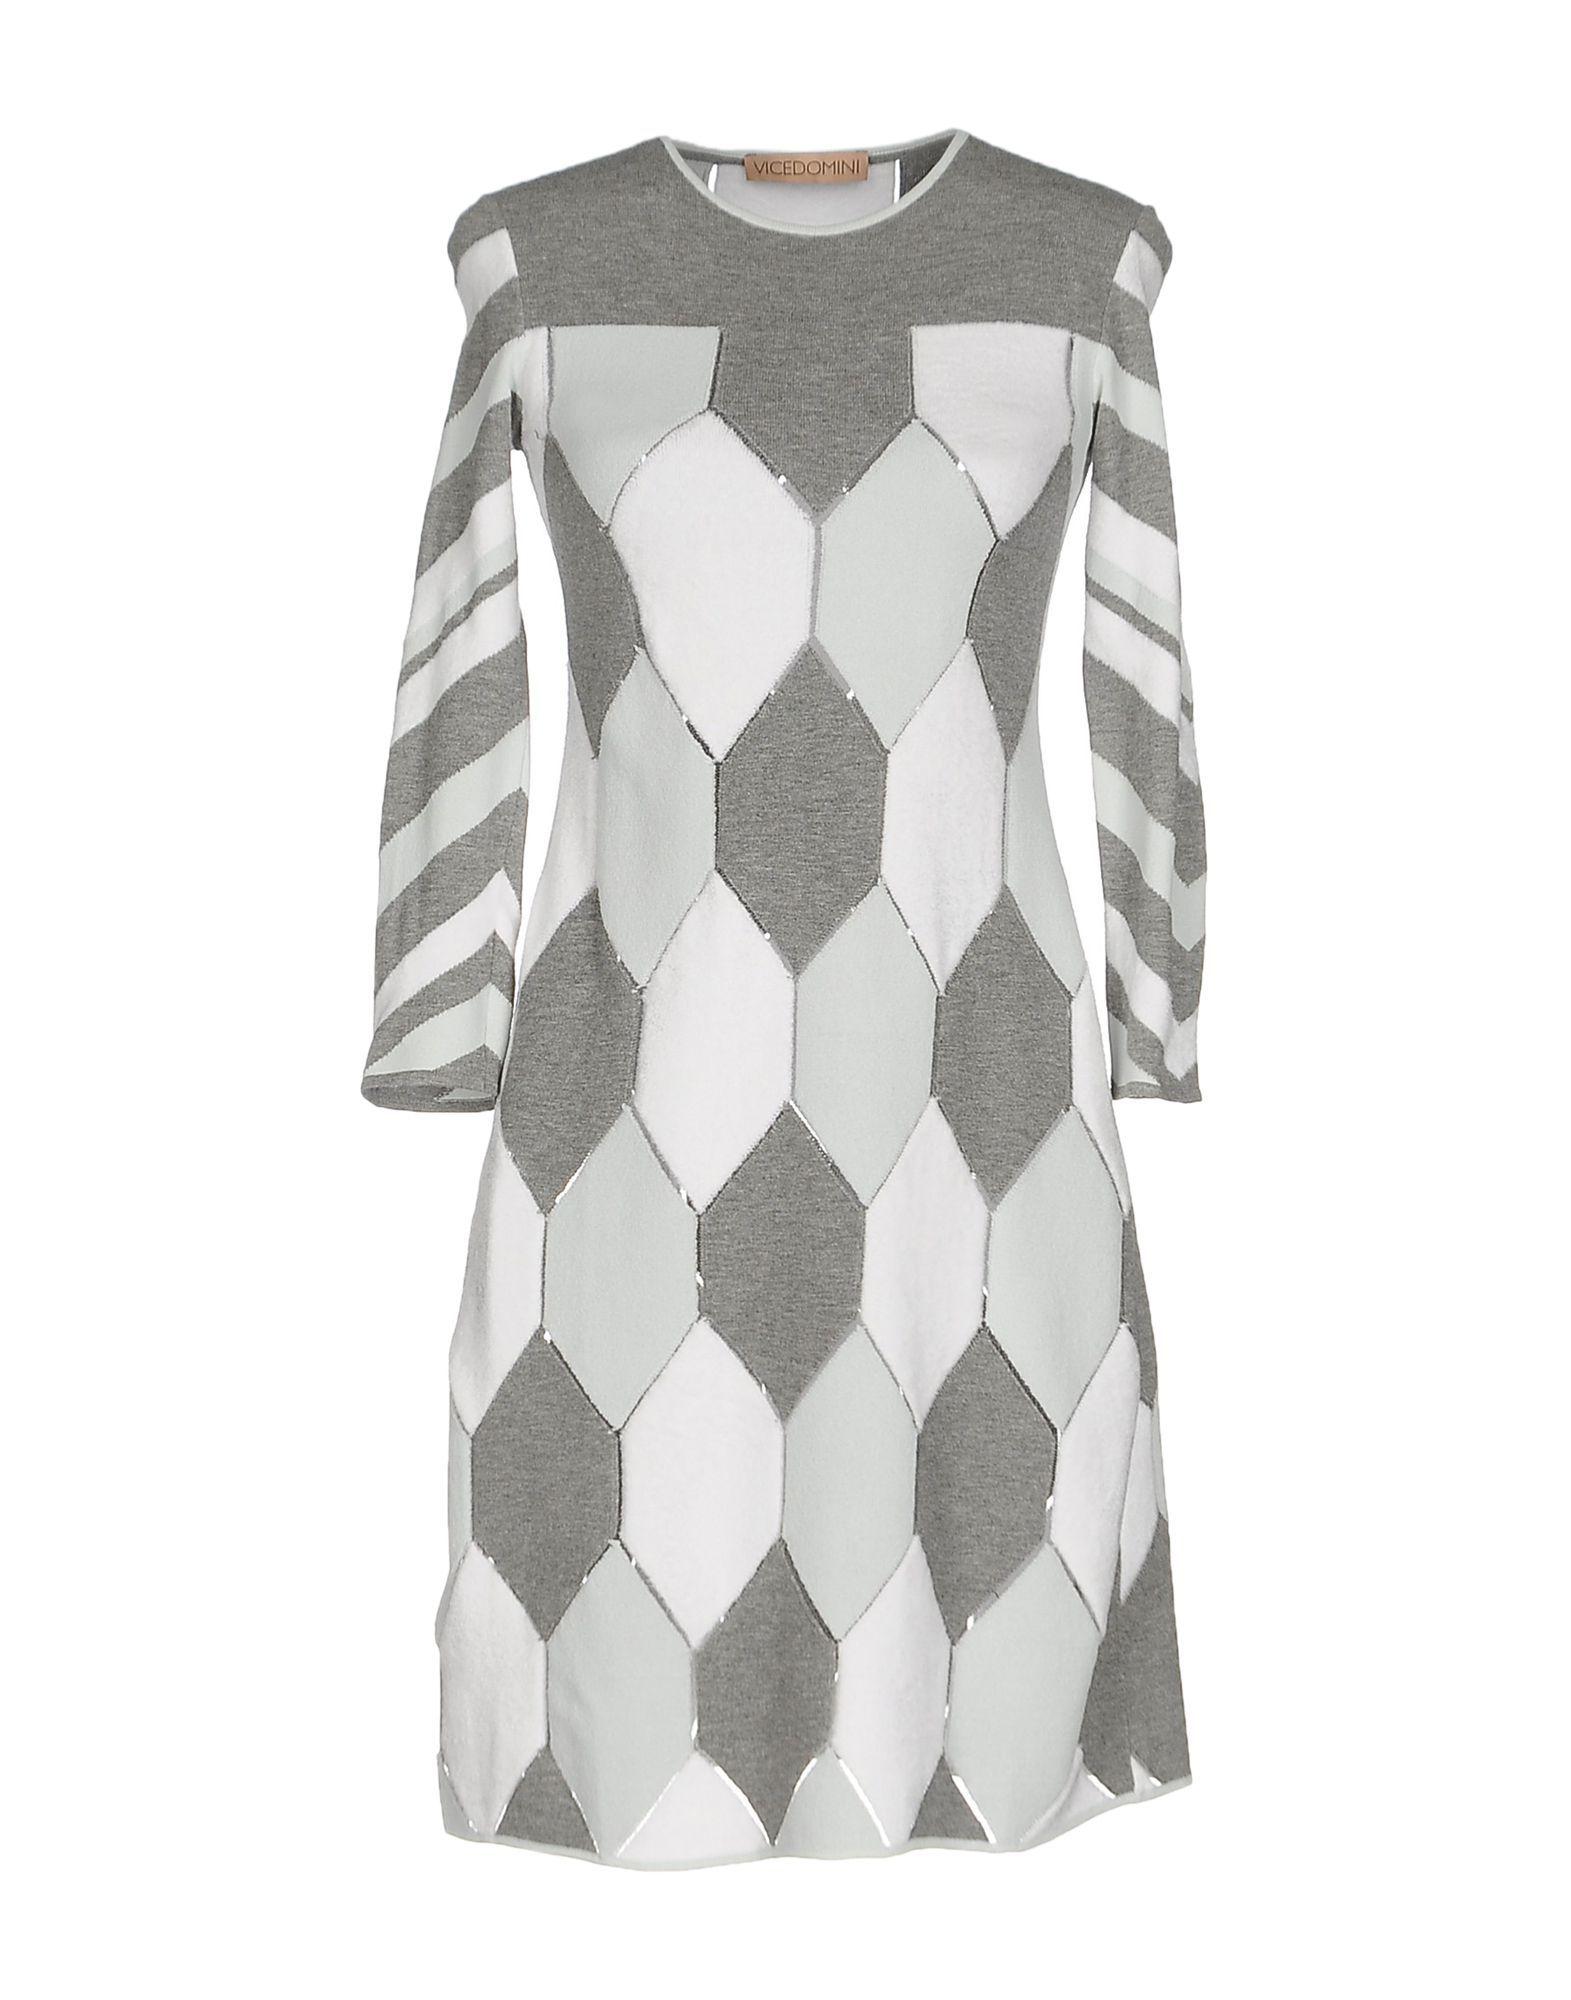 DRESSES Vicedomini Light grey Woman Viscose